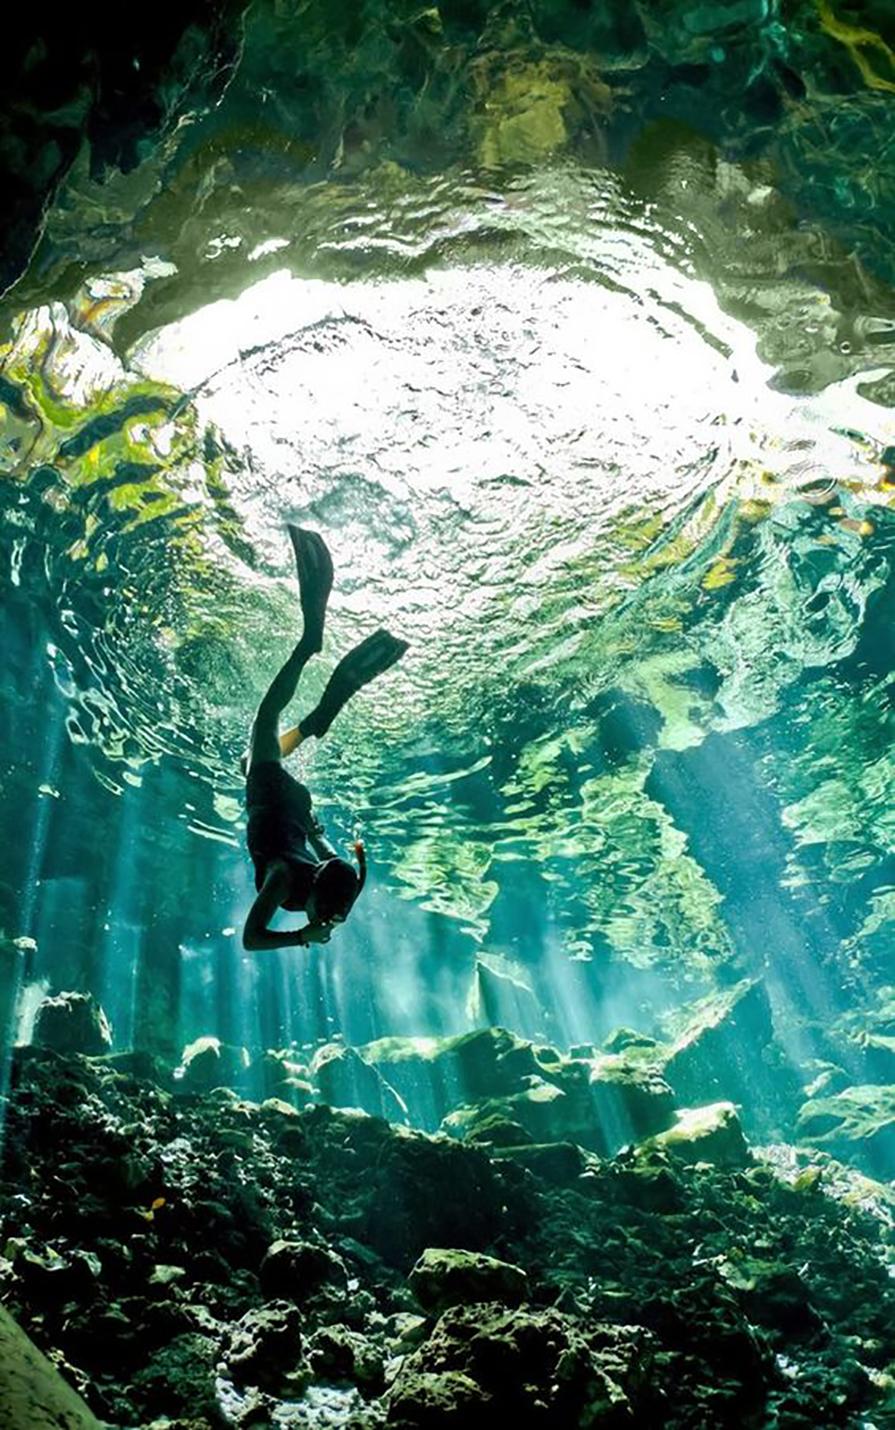 esportes-aquaticos-no-verao-danielle-noce-7